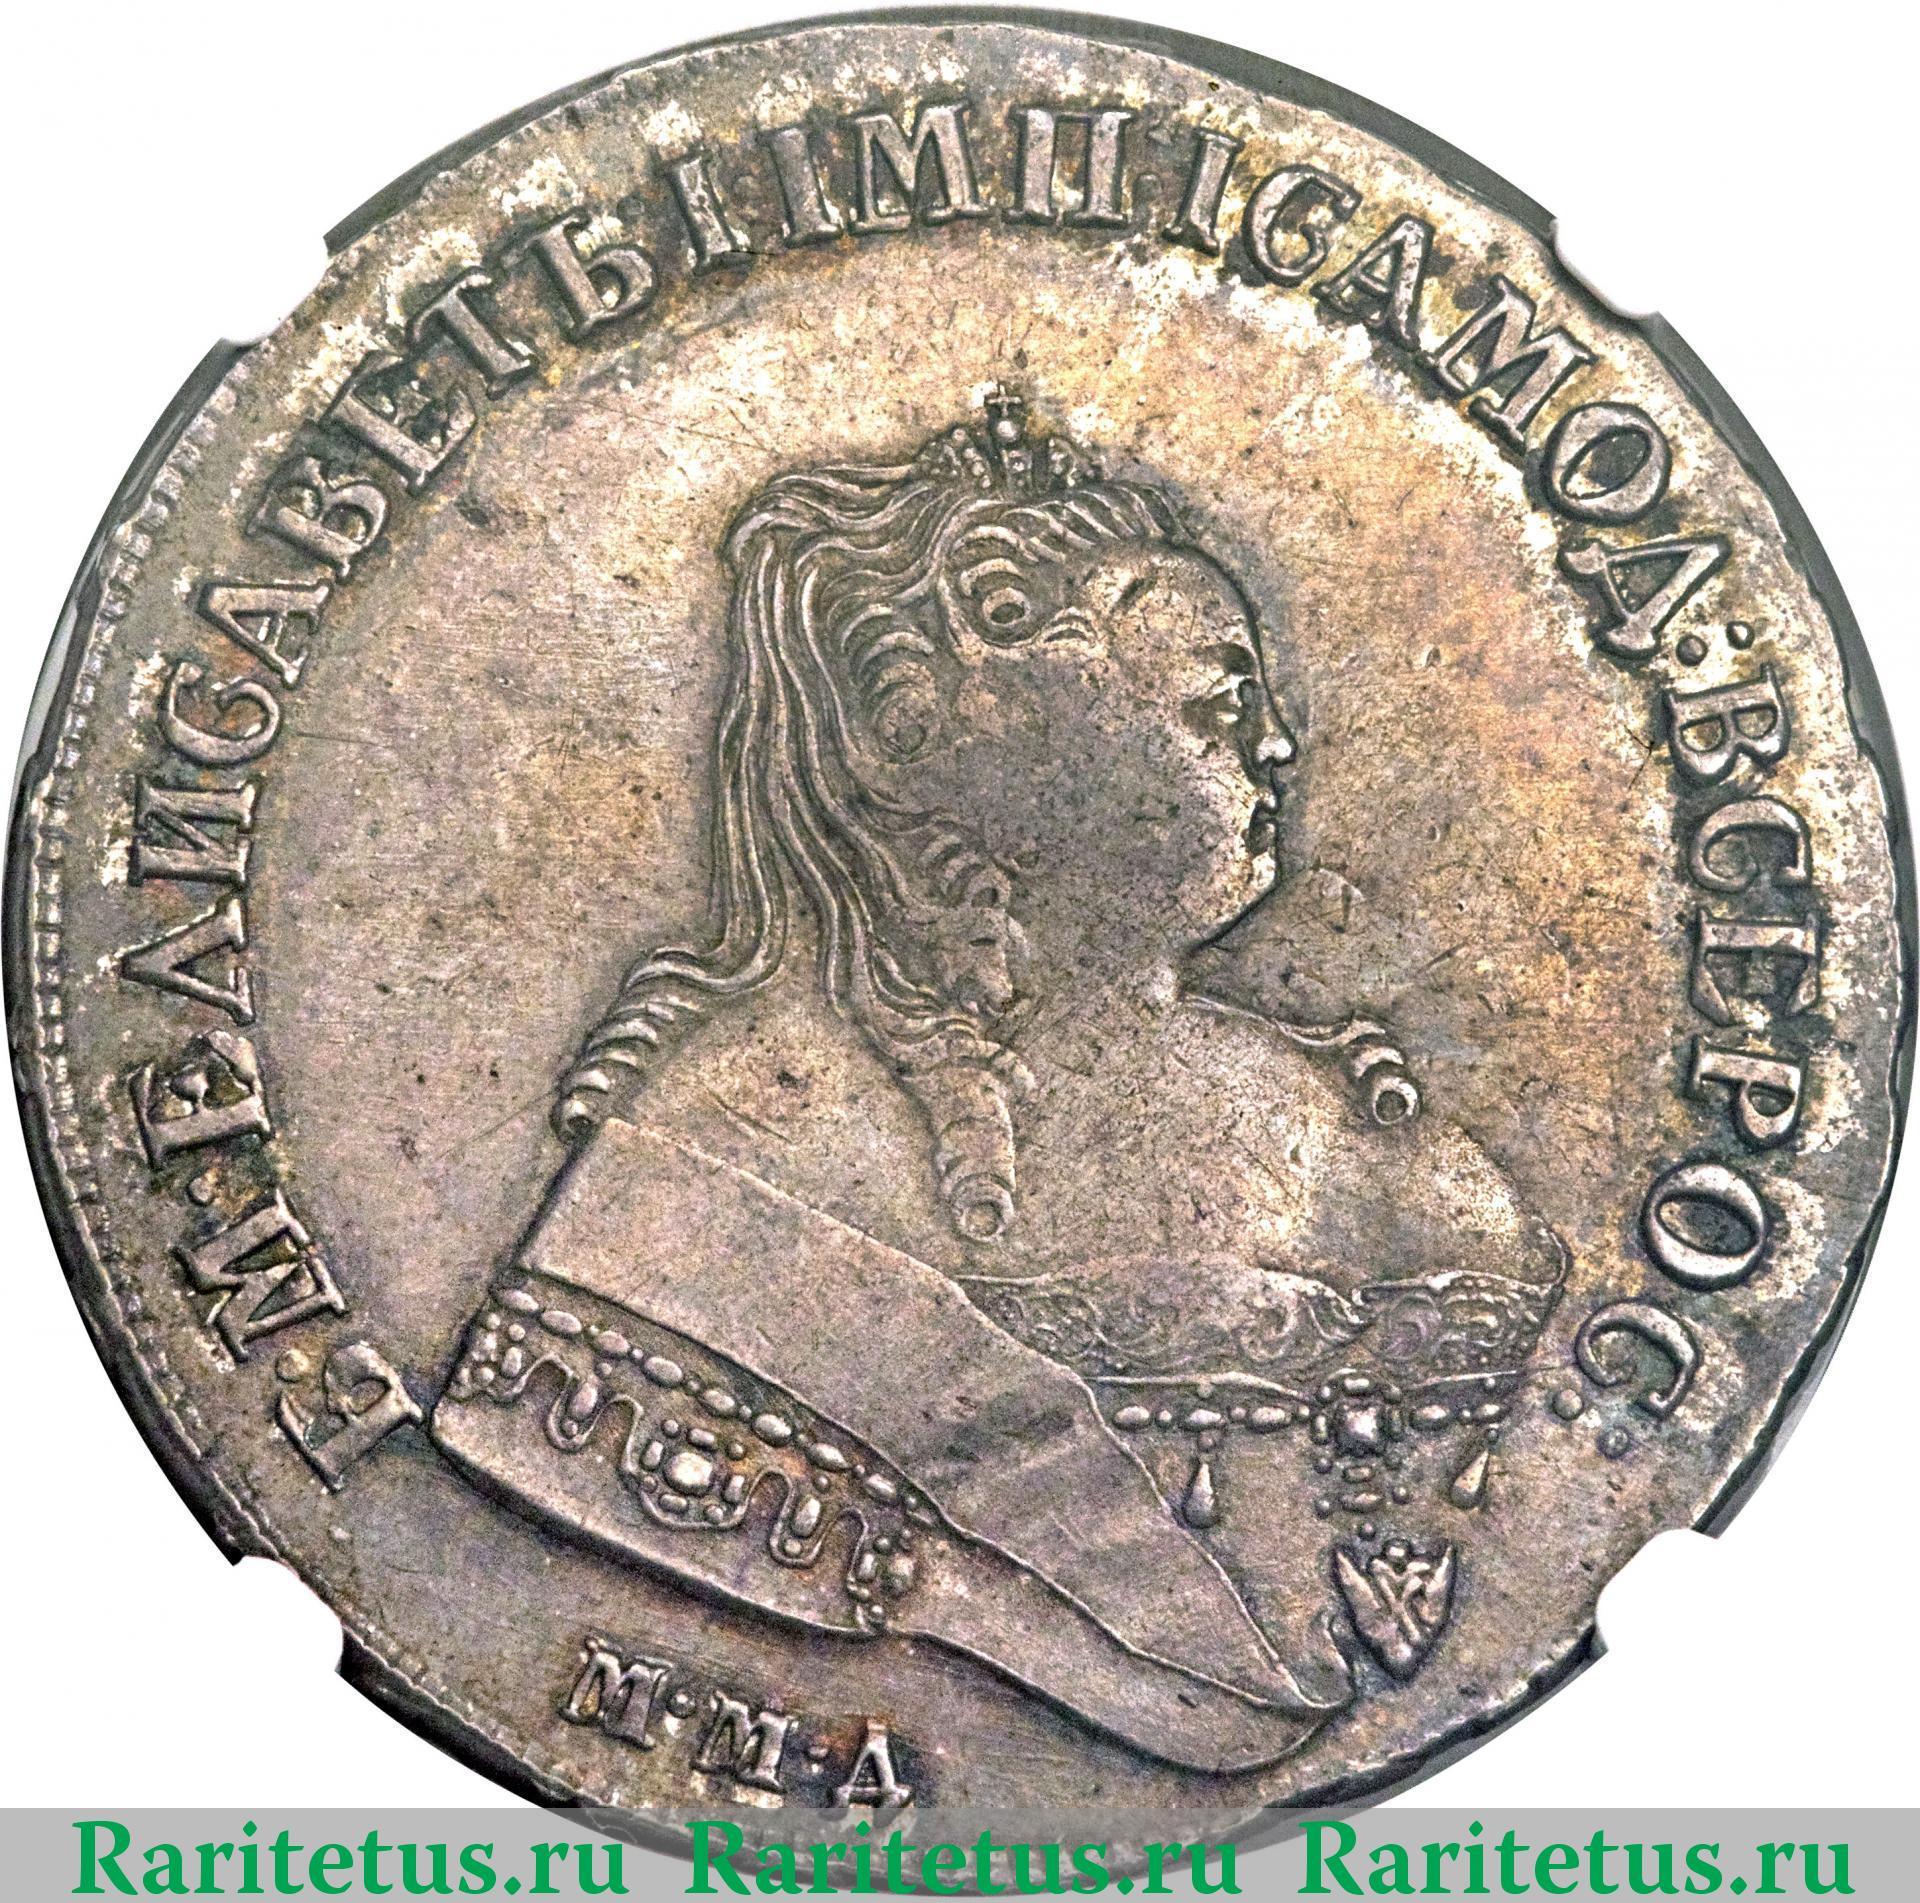 Монеты елизаветы цена трандафирул молдовей